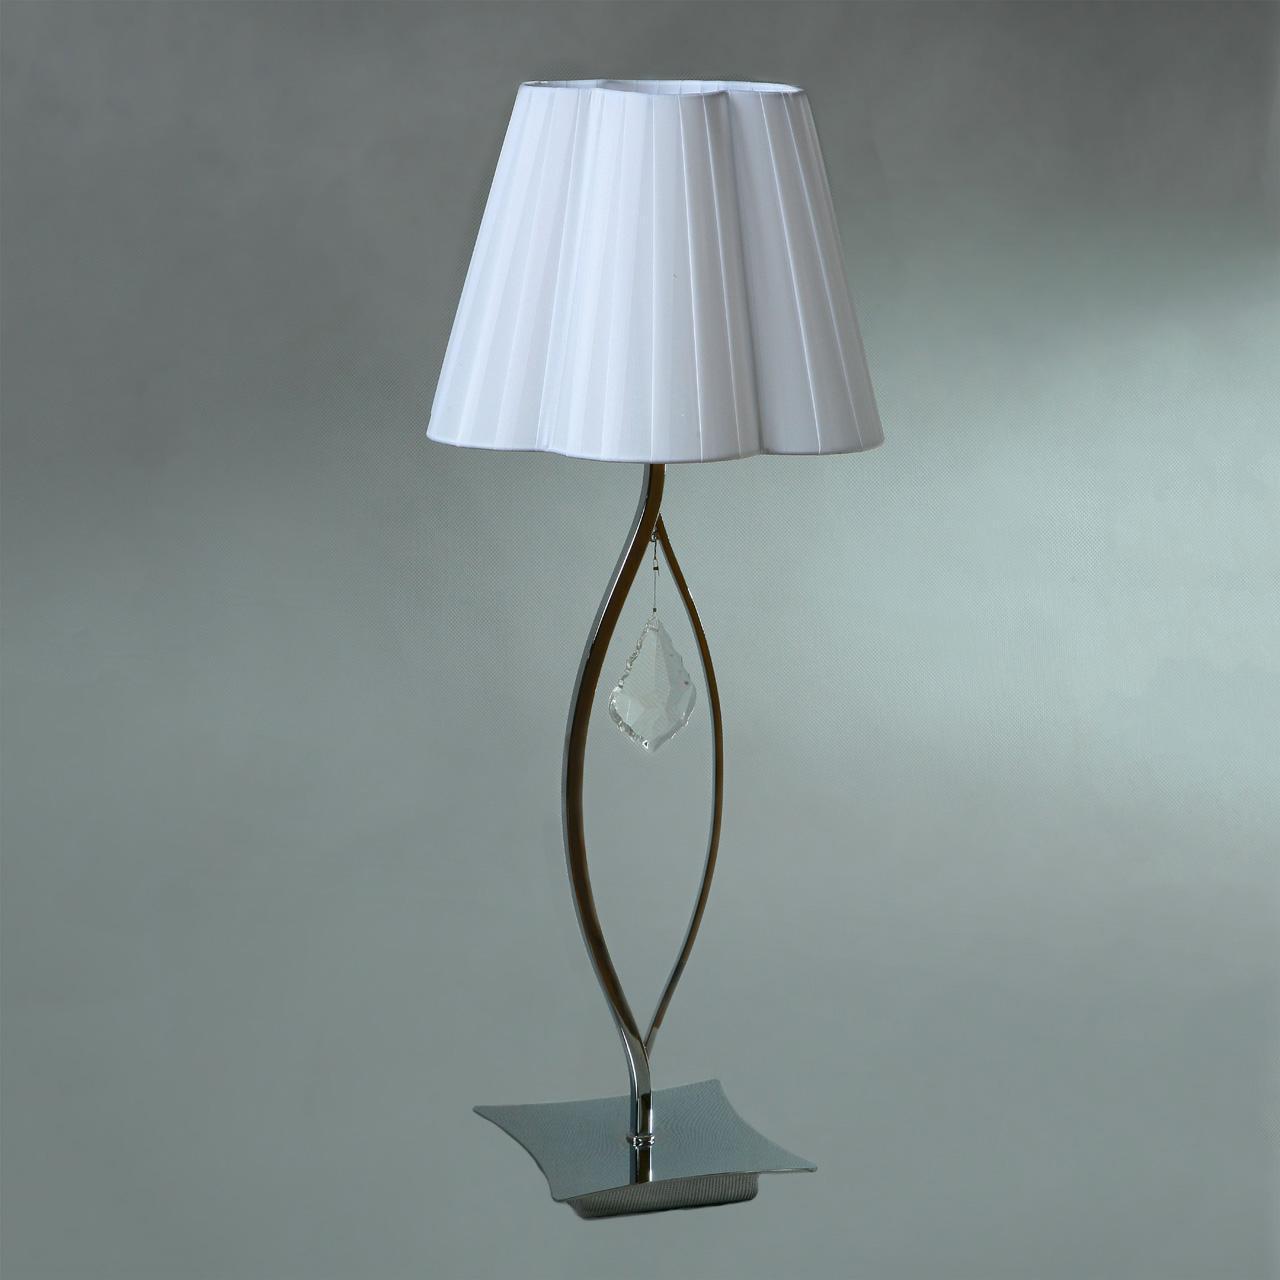 Настольная лампа Brizzi BT 03203/1 Chrome brizzi настольная лампа brizzi bt 03203 1 chrome